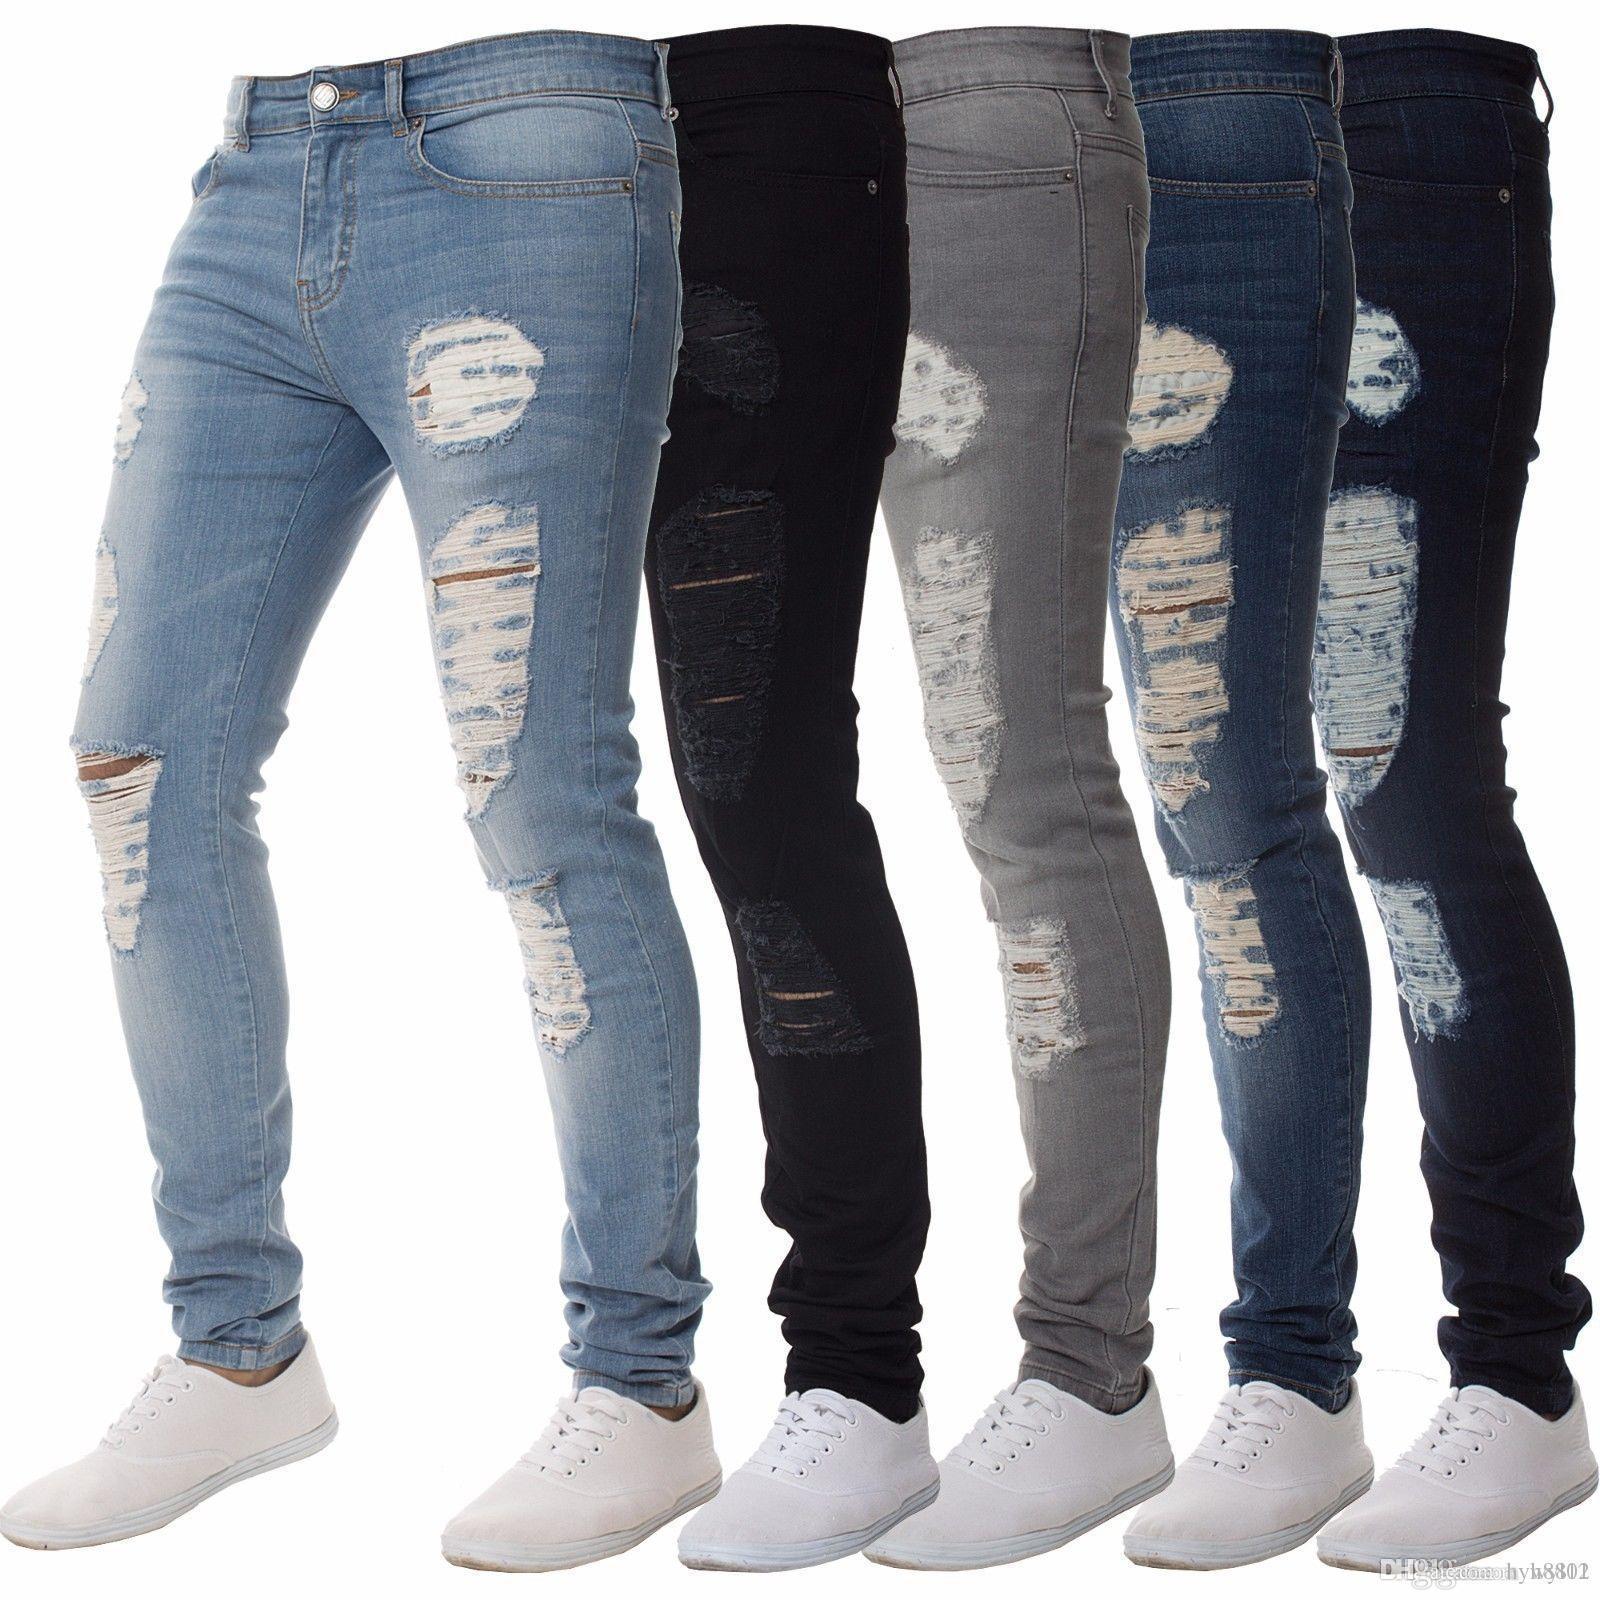 Homens afligido Ripped Jeans desenhador de moda Hetero Pants Motociclista Jeans Causal Denim streetwear do estilo calça jeans mens fresco